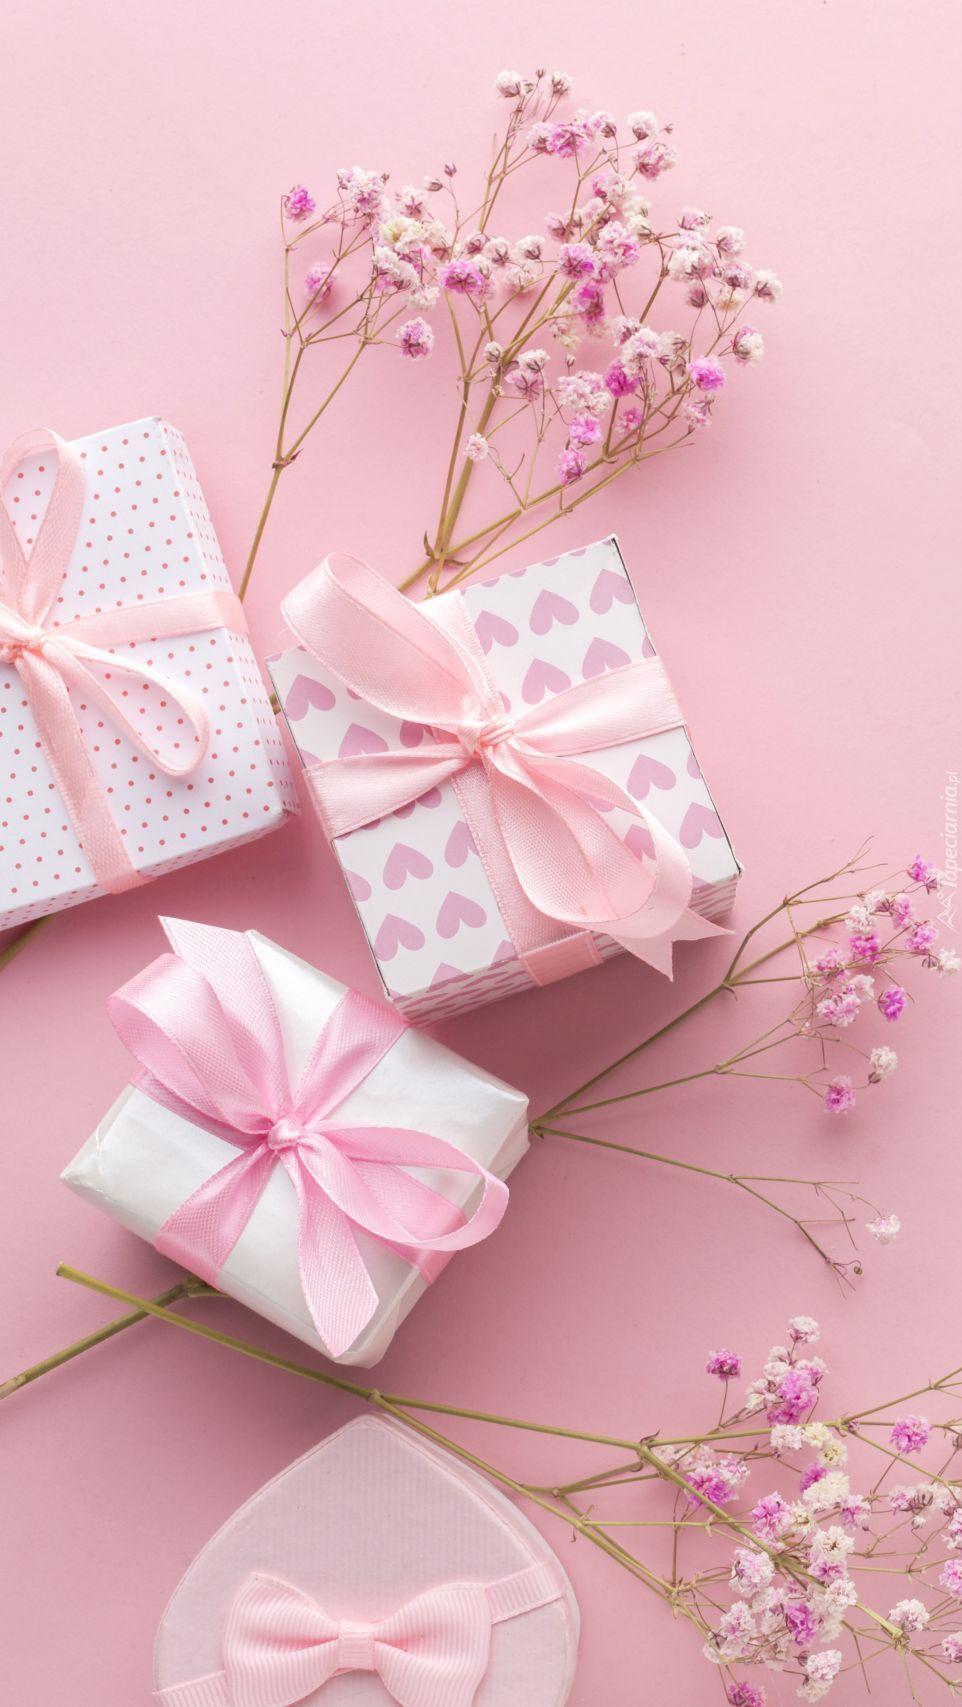 Drobne kwiatki obok prezentów